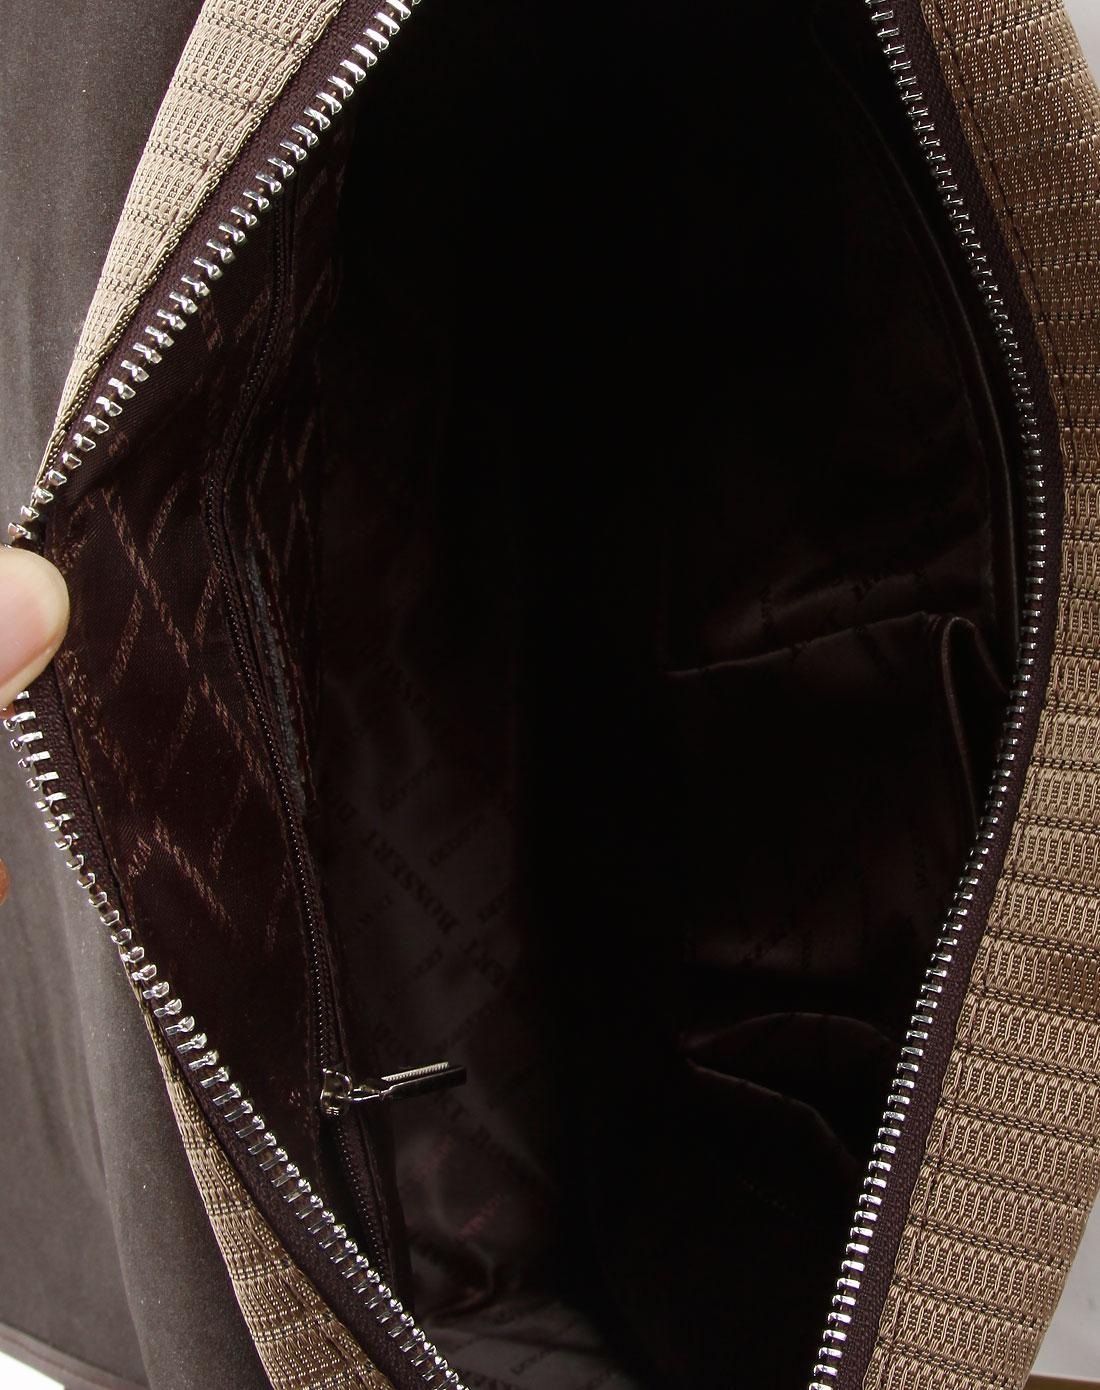 波士威尔bossert浅咖啡色条纹商务单肩包151233-c